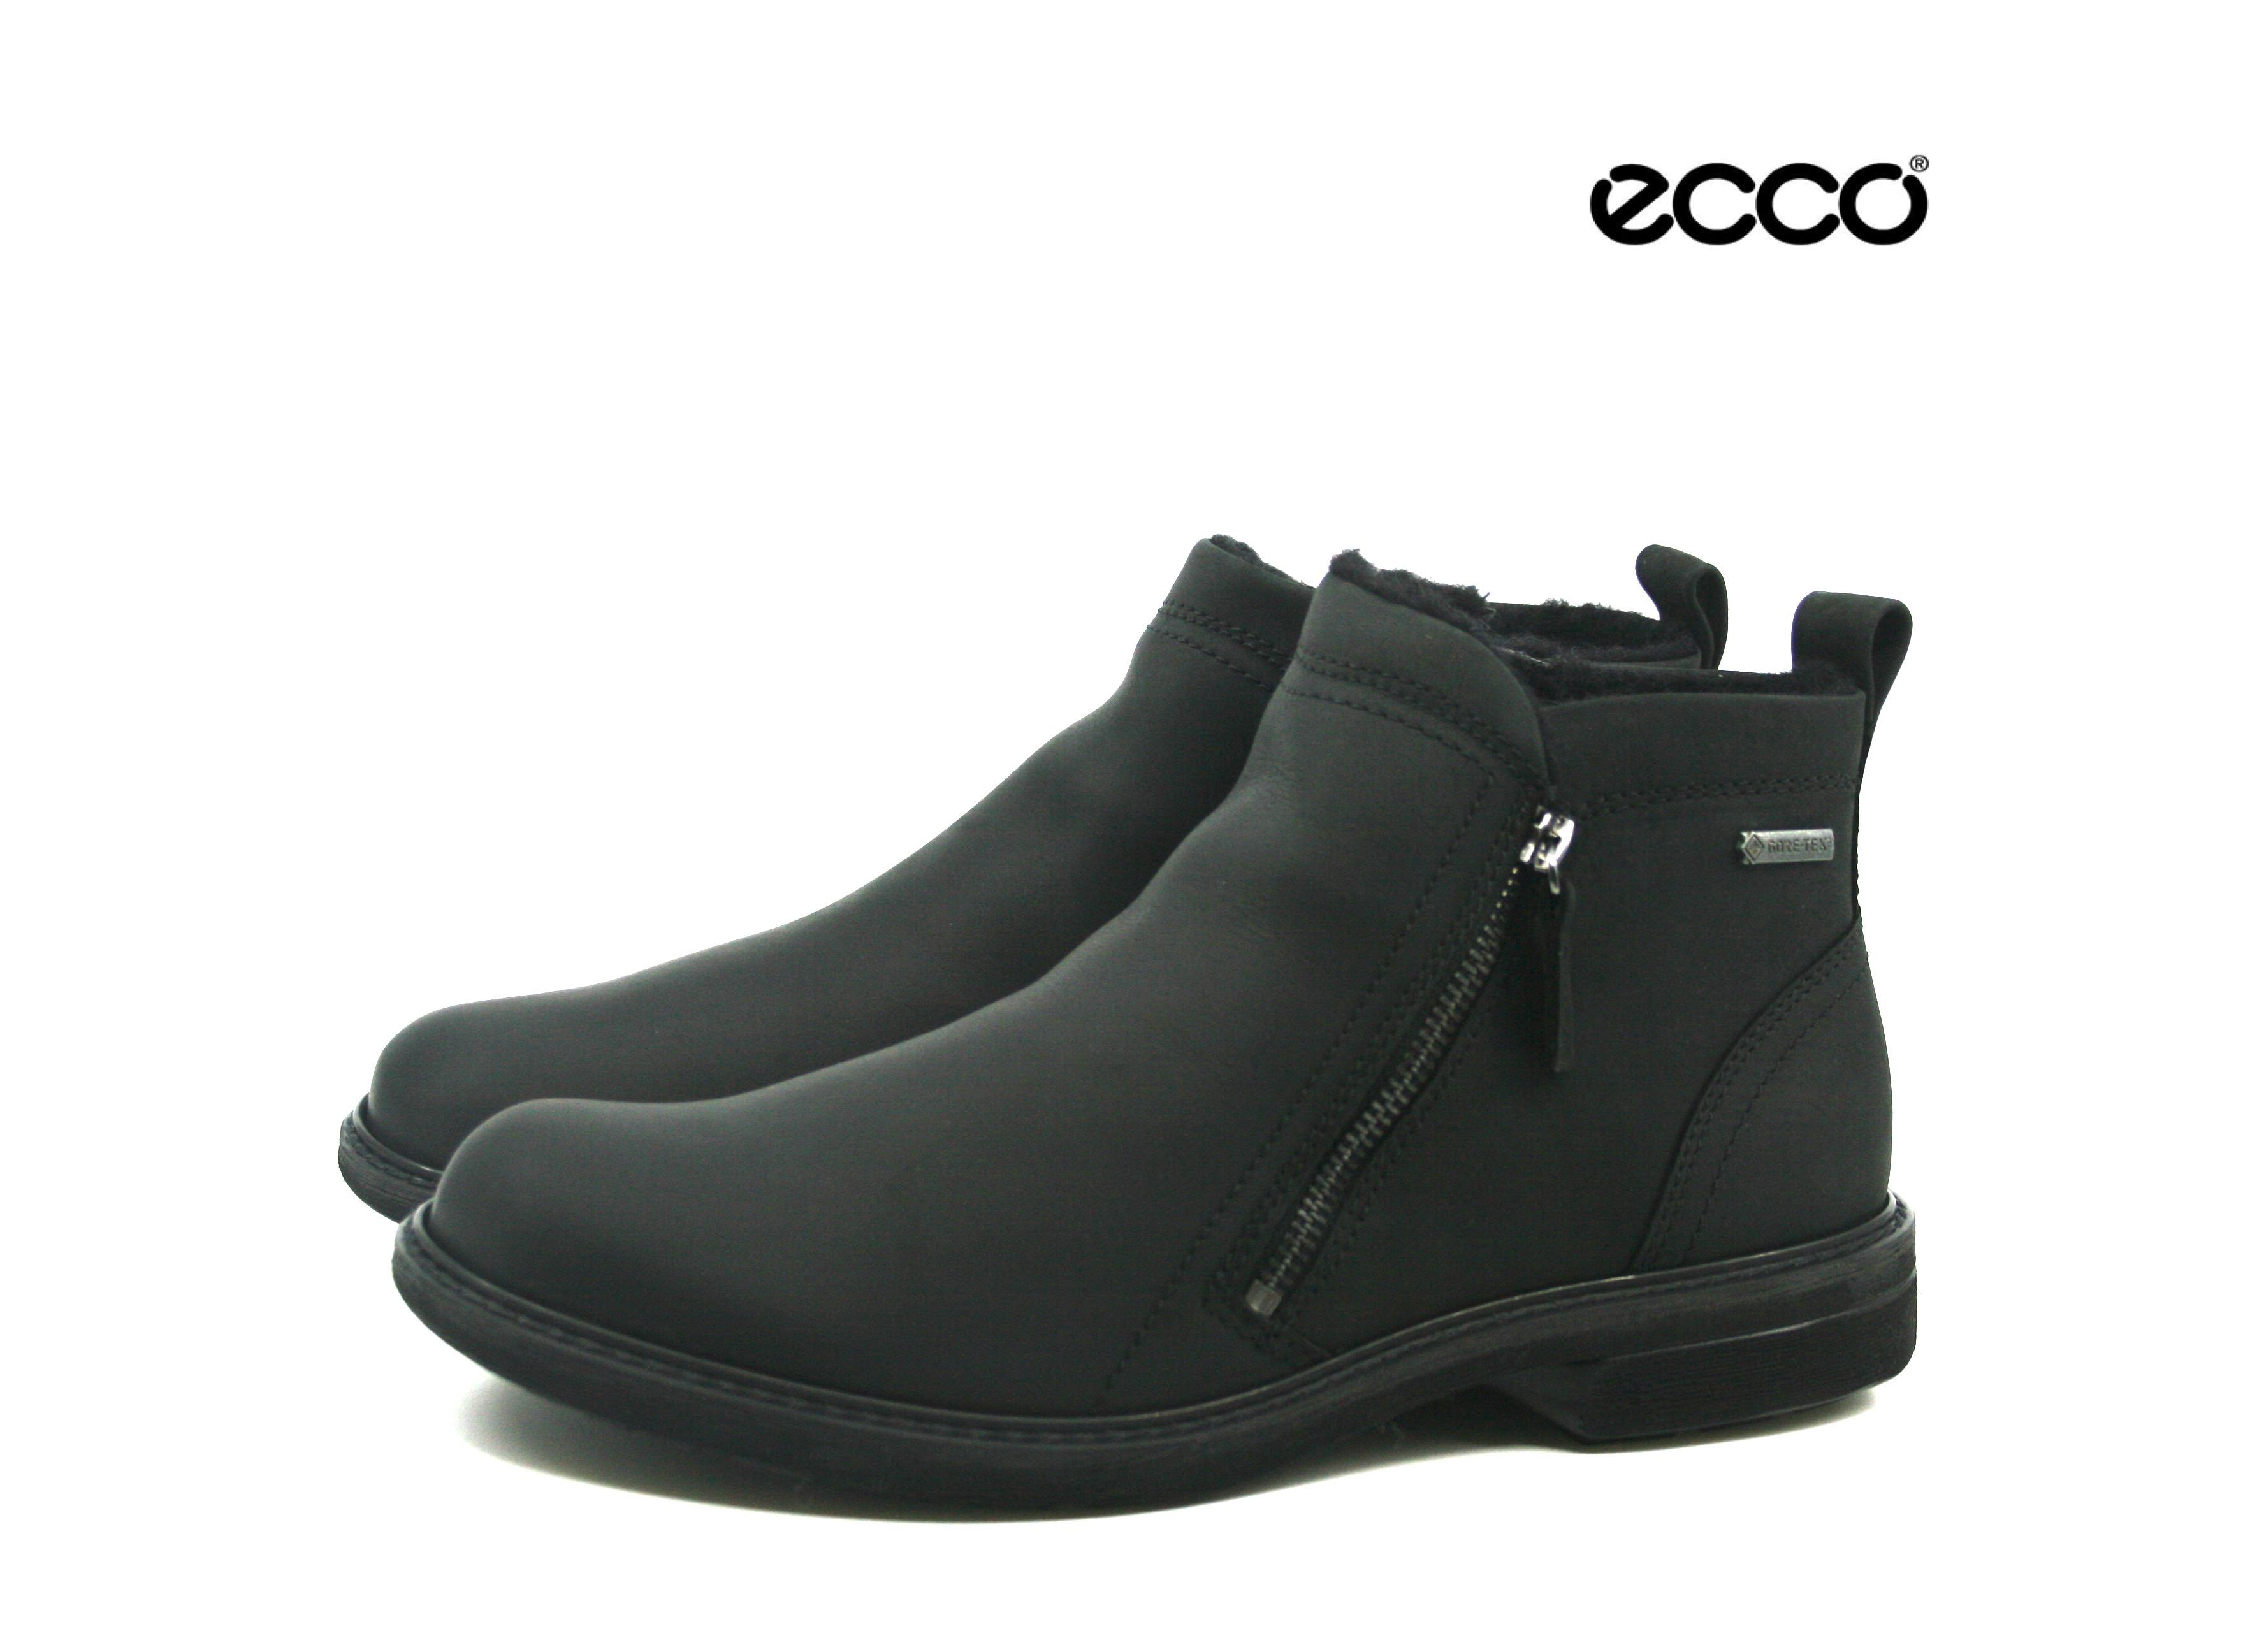 362037433b9e Damkjaer Sko Online Shop - Ecco herre støvle med lynlås